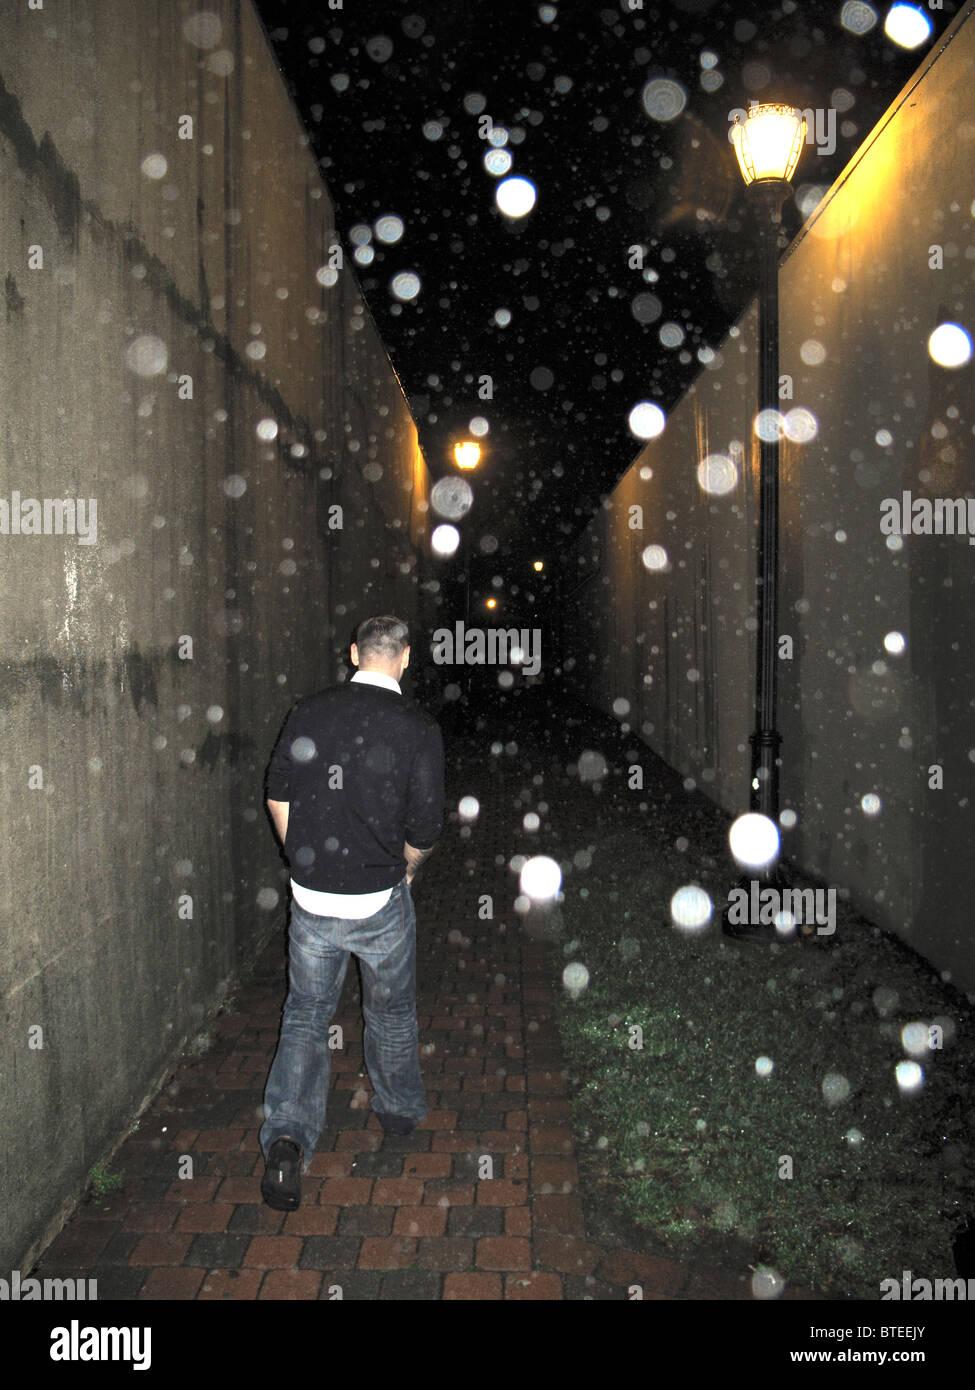 Hombre caminando en el callejón a noche lluviosa Imagen De Stock